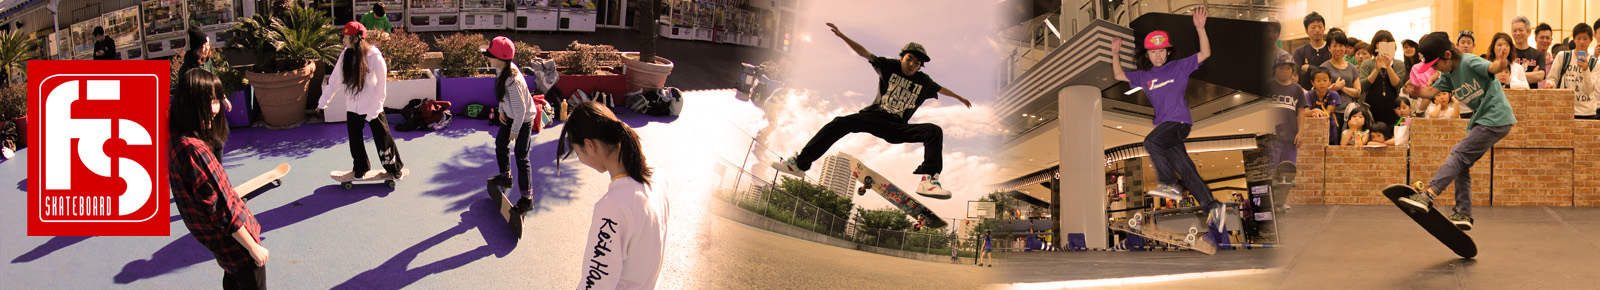 フリースタイル スケートボードの情報サイト FScom(エフエスコム)